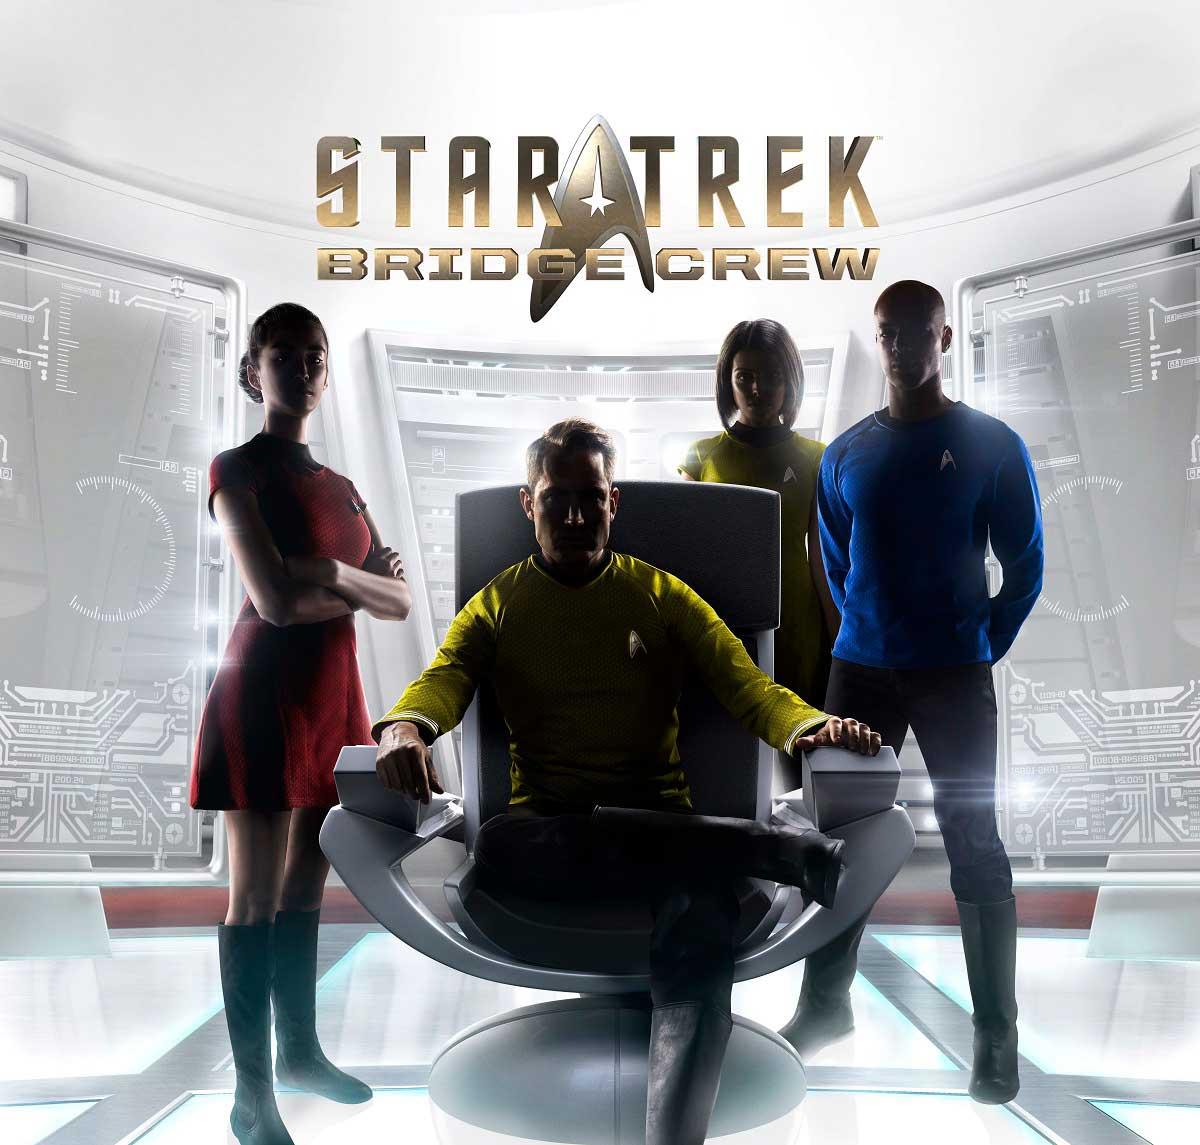 Star Trek: Bridge Crew también llega a los usuarios sin VR y para Windows Mixed Reality